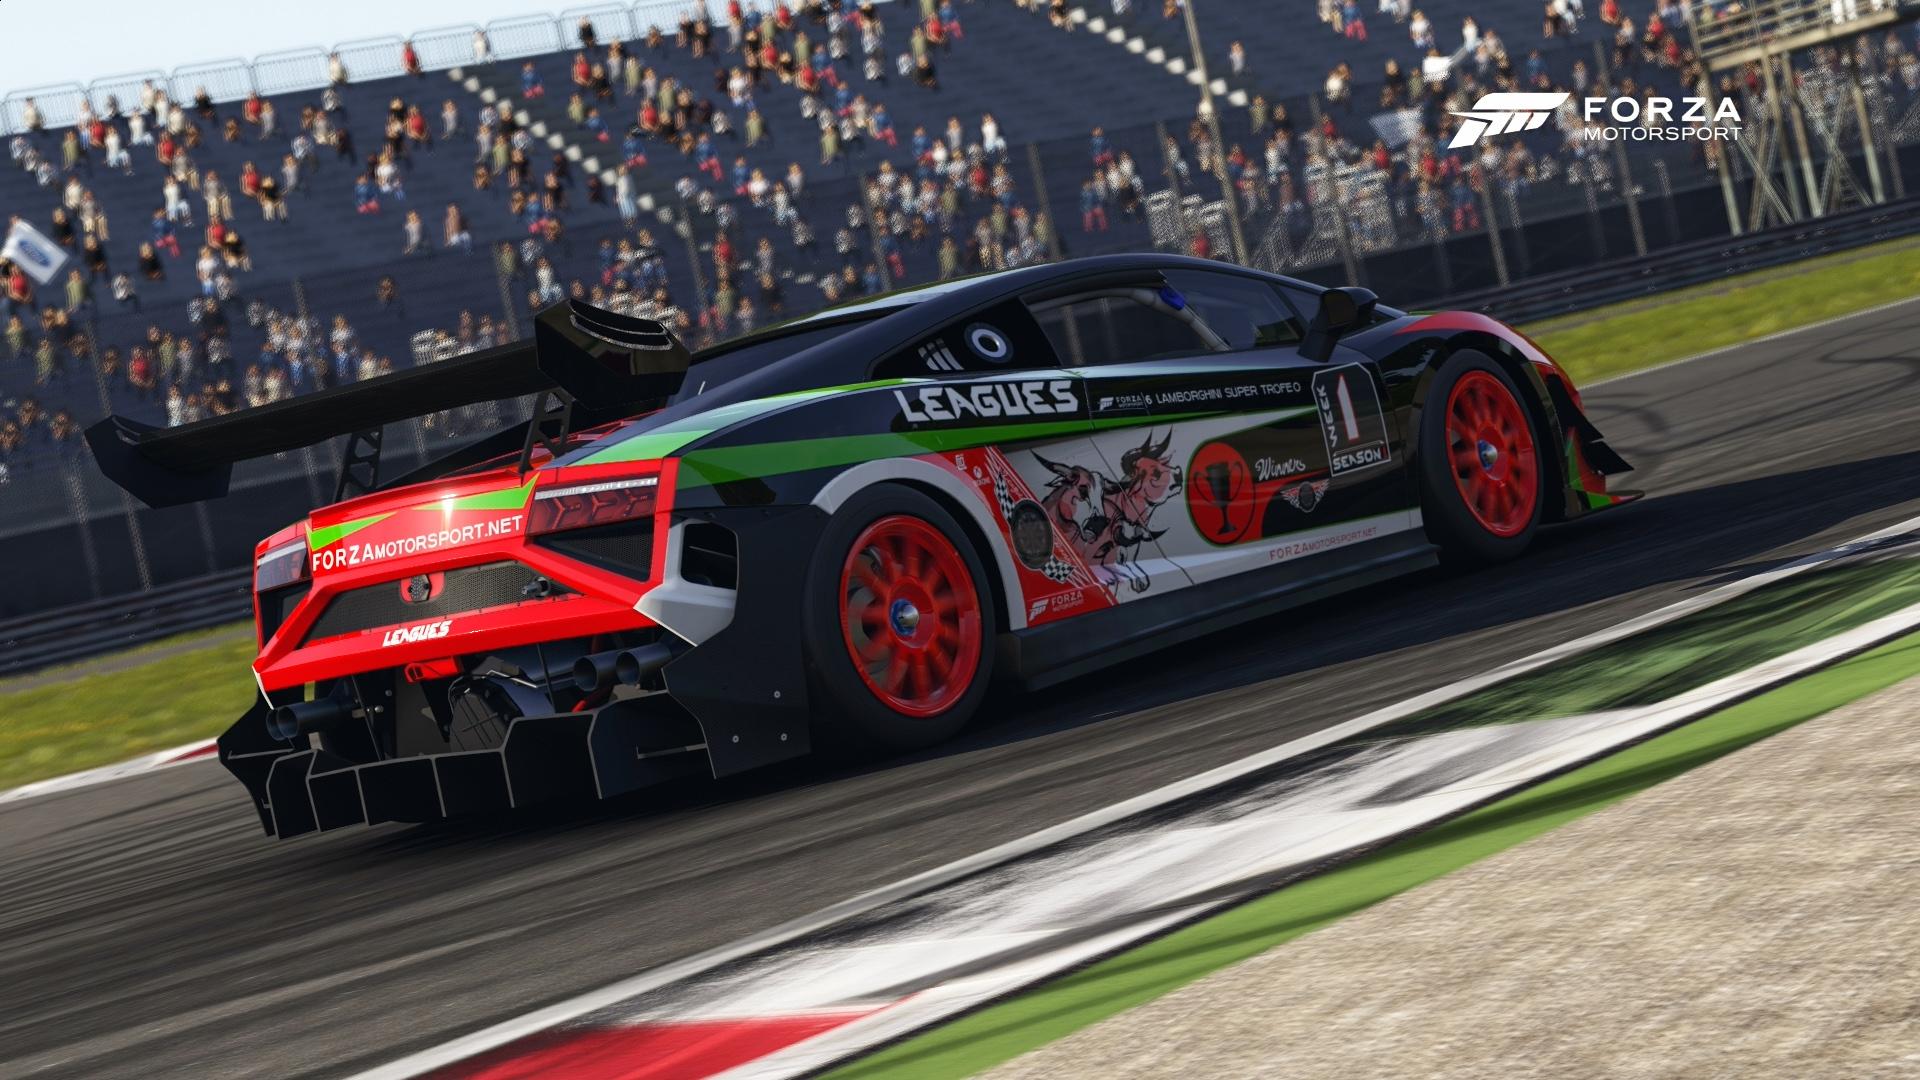 Forza Motorsport - Forza Motorsport Week in Review 3-4-16